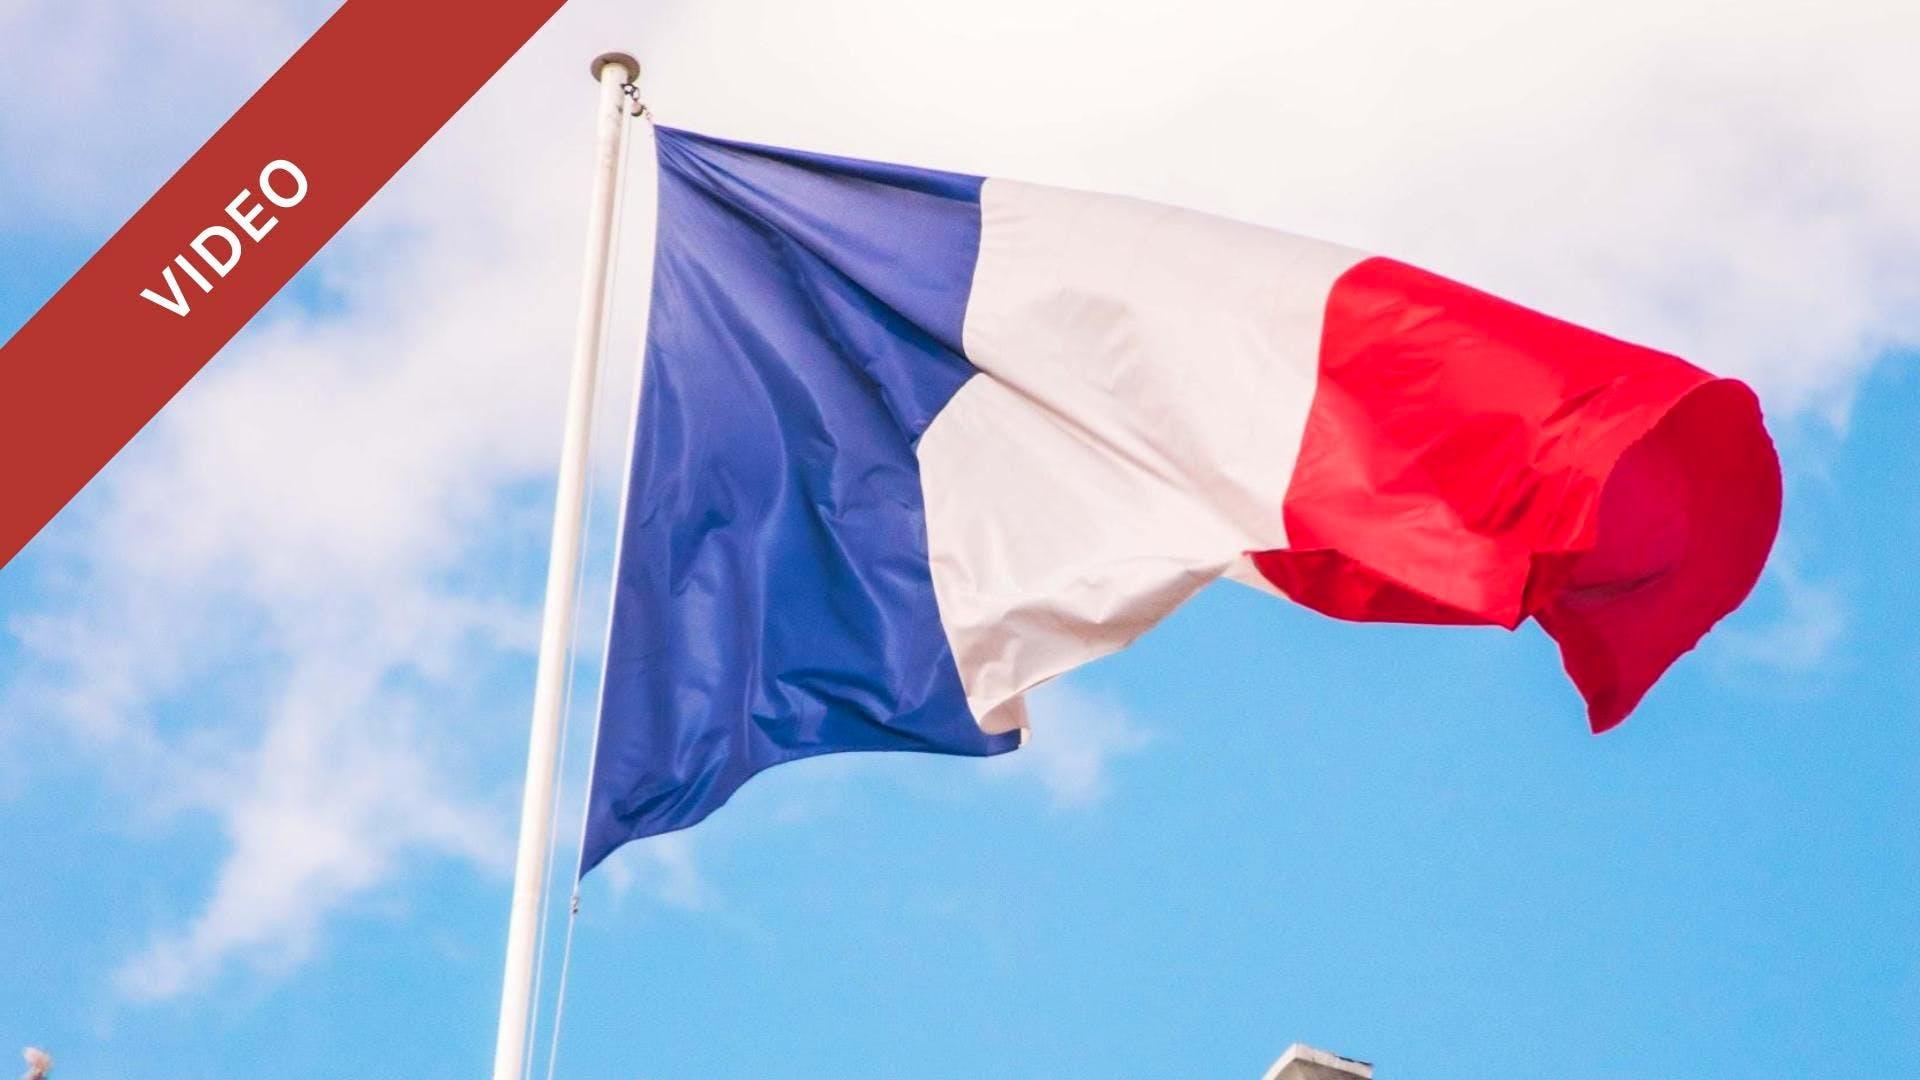 Mesures exceptionnelles de soutien aux entreprises françaises mises en place par le gouvernement